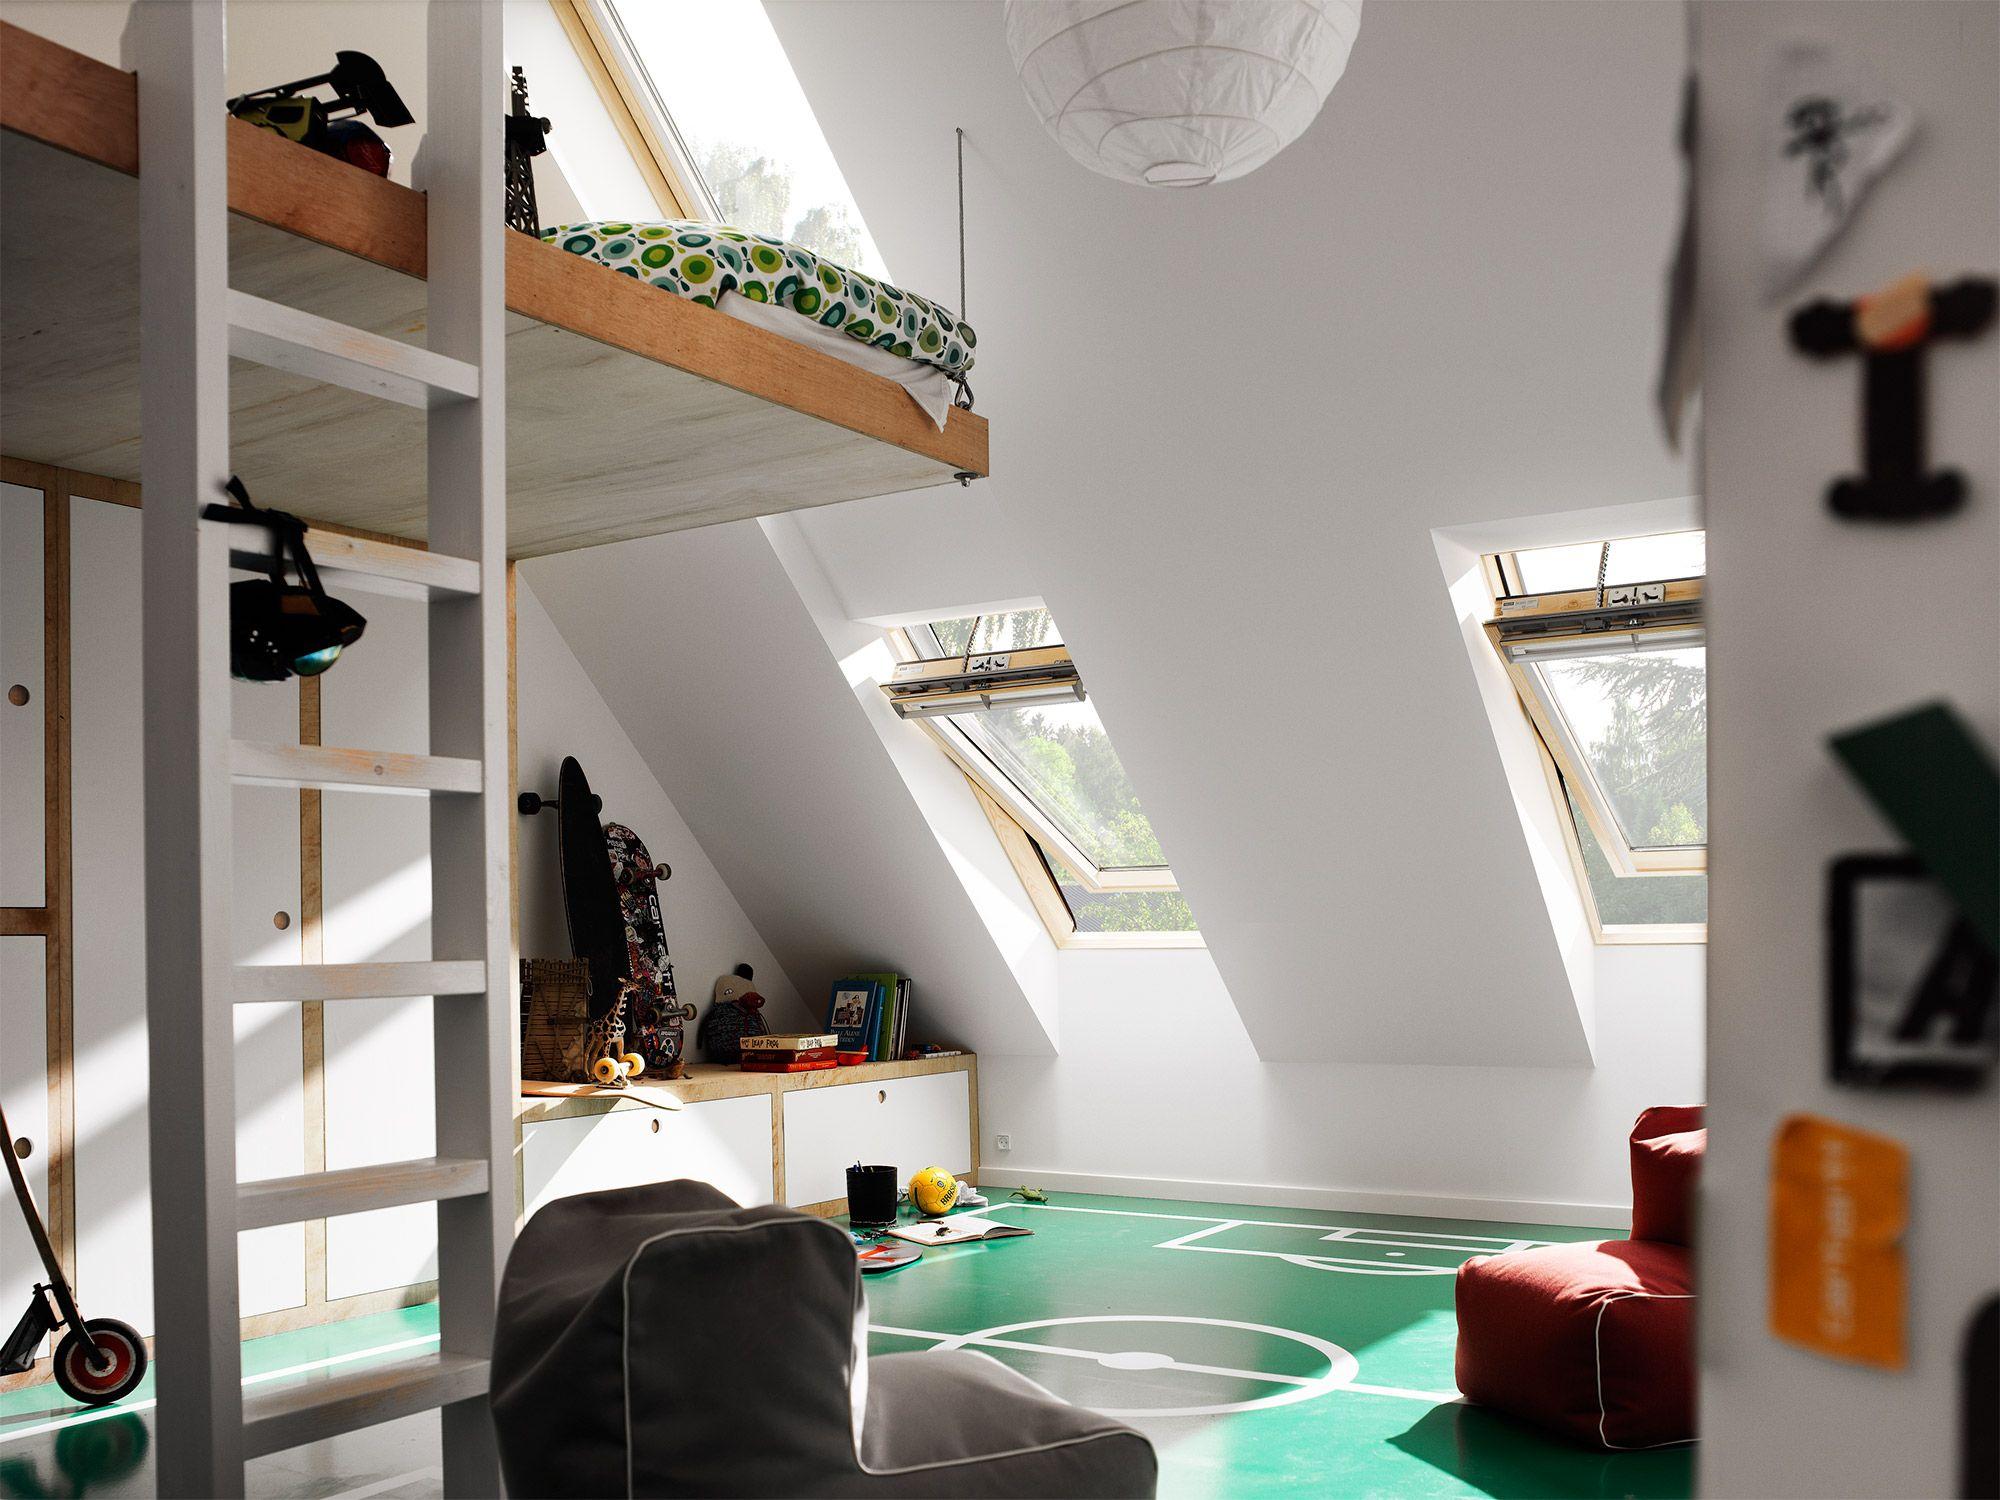 Kinderkamer zolder dakkapel kinderen sofie en marit